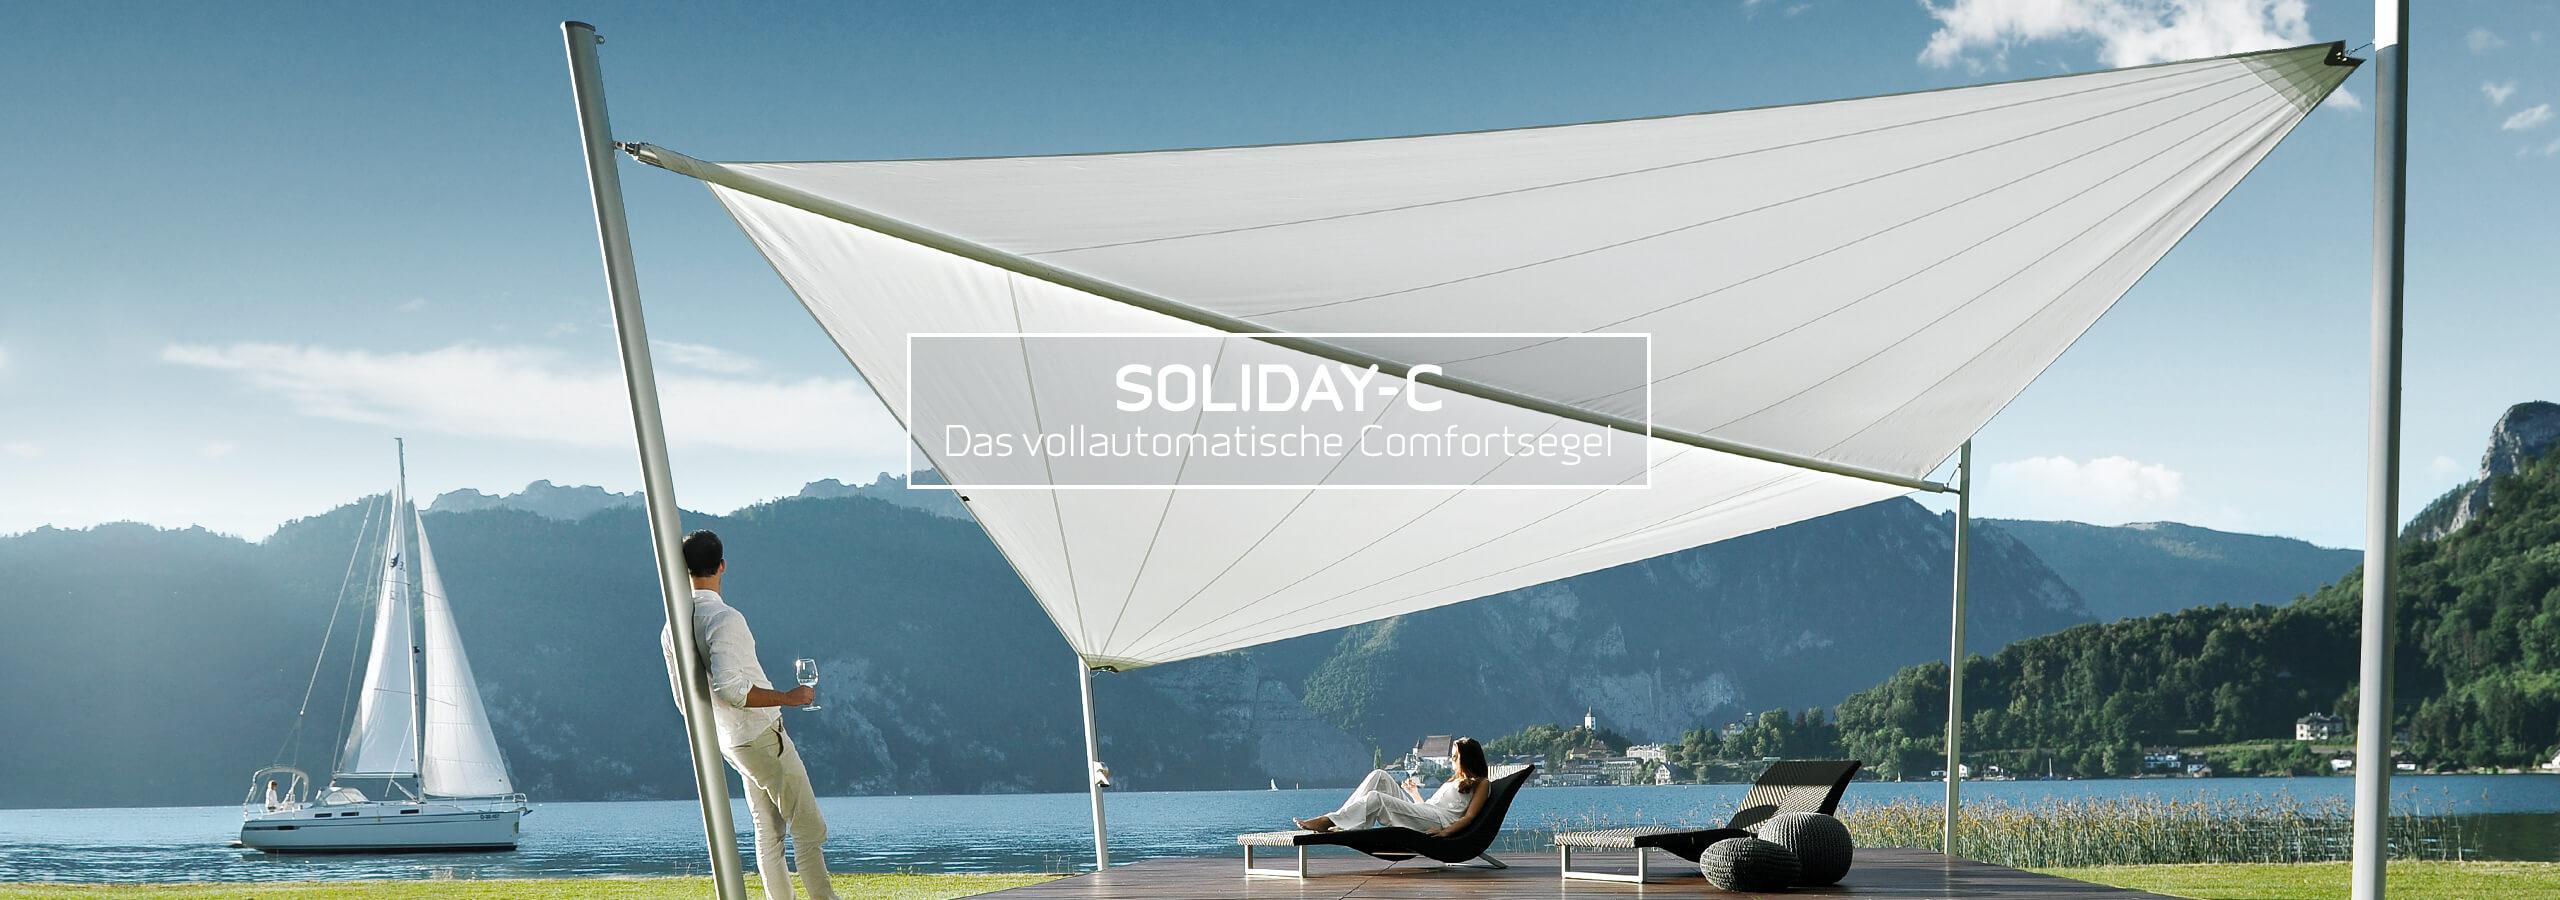 Soliday C Sonnensegel auf Terrasse am See